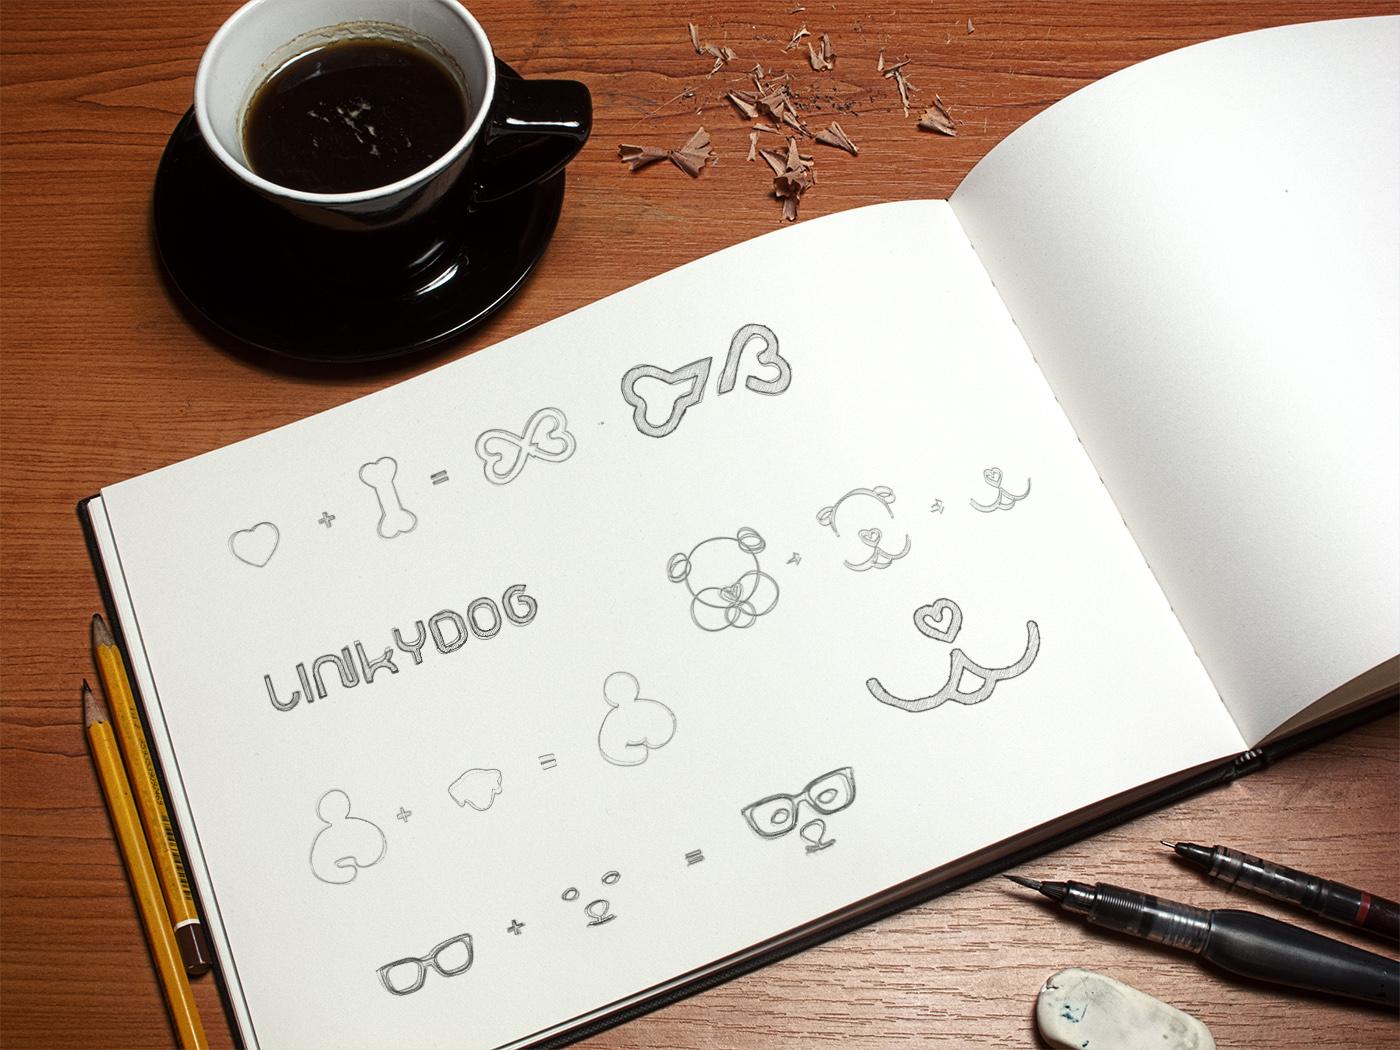 croquis, esquisse, sketch logo